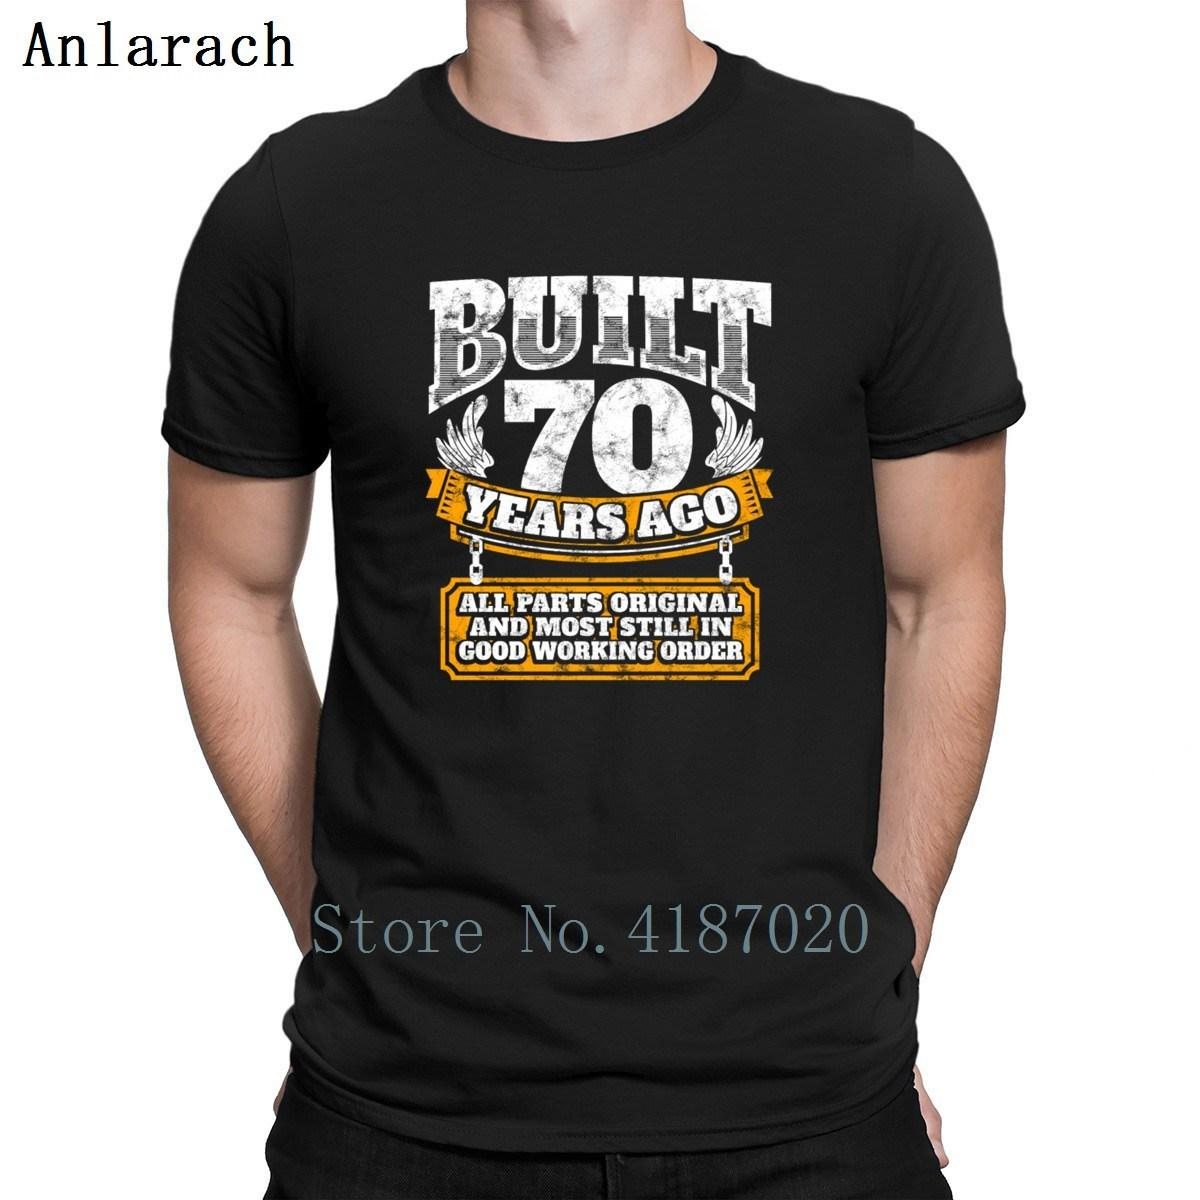 Idee Cadeau 70 Ans.70eme Anniversaire Cadeau Idee Construit Il Y A 70 Ans Tshirt Kawaii Hiphop Top Gents 2018 Tshirt Pour Les Hommes